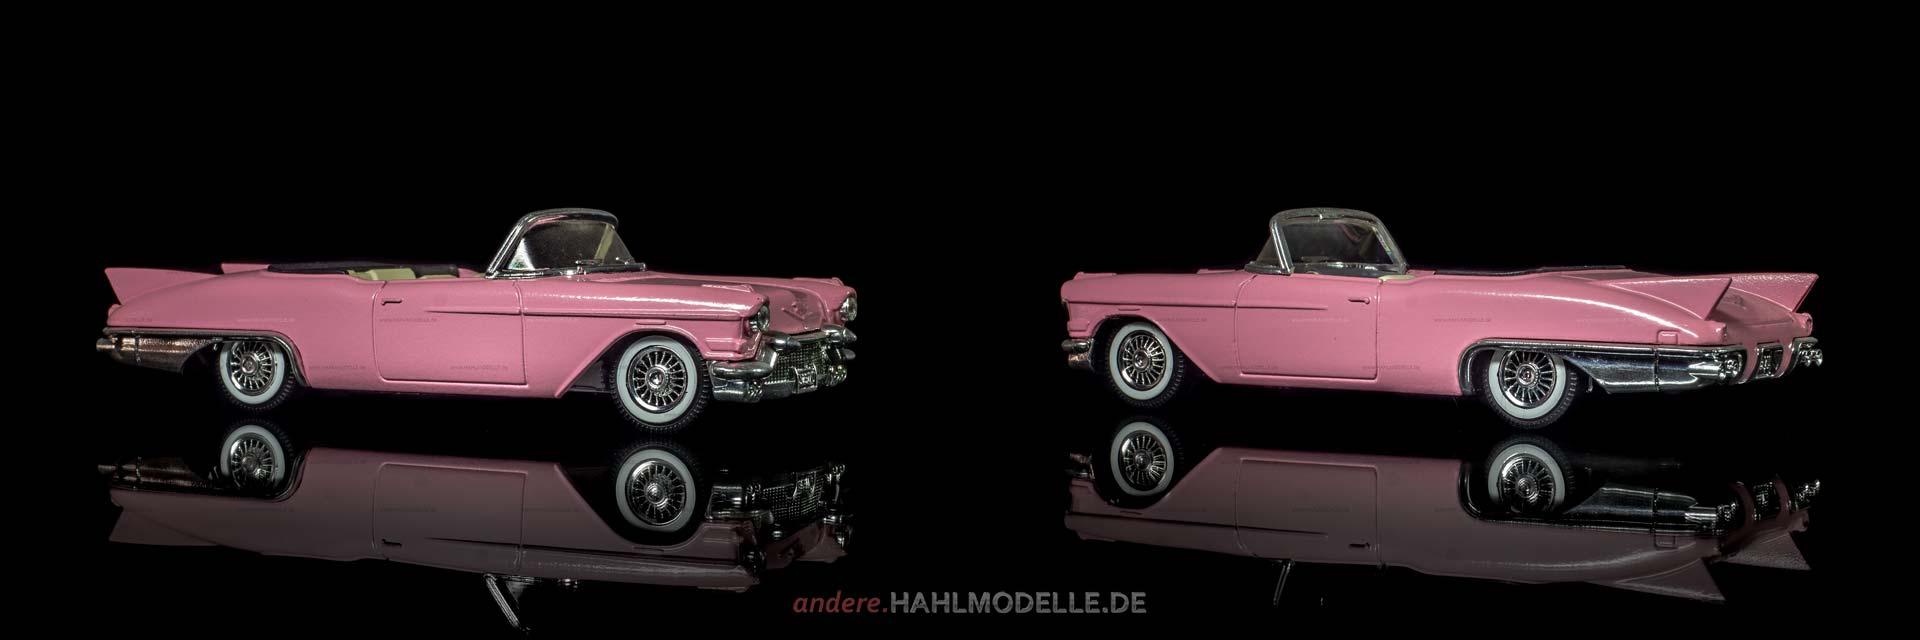 Cadillac Eldorado Biarritz Convertible | Cabriolet | Solido | 1:43 | www.andere.hahlmodelle.de